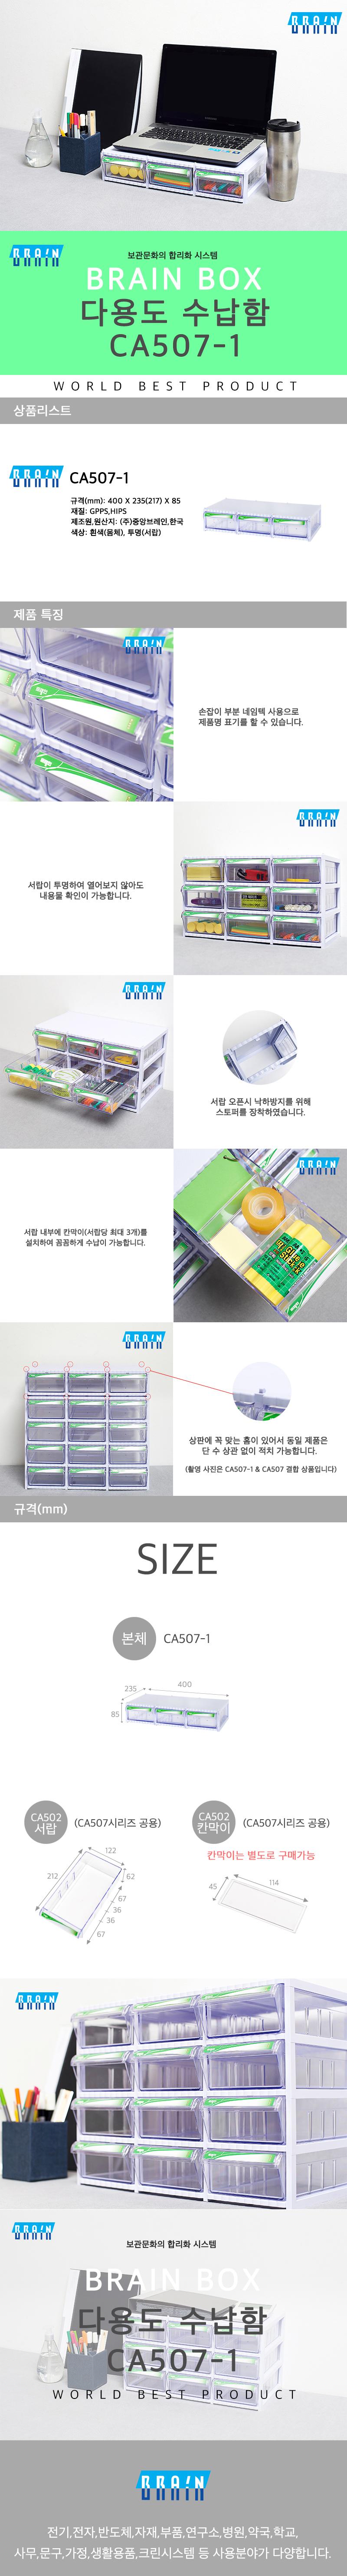 플라스틱 보관함 CA507-1 - 중앙브레인, 6,600원, 서랍장, 플라스틱 서랍장